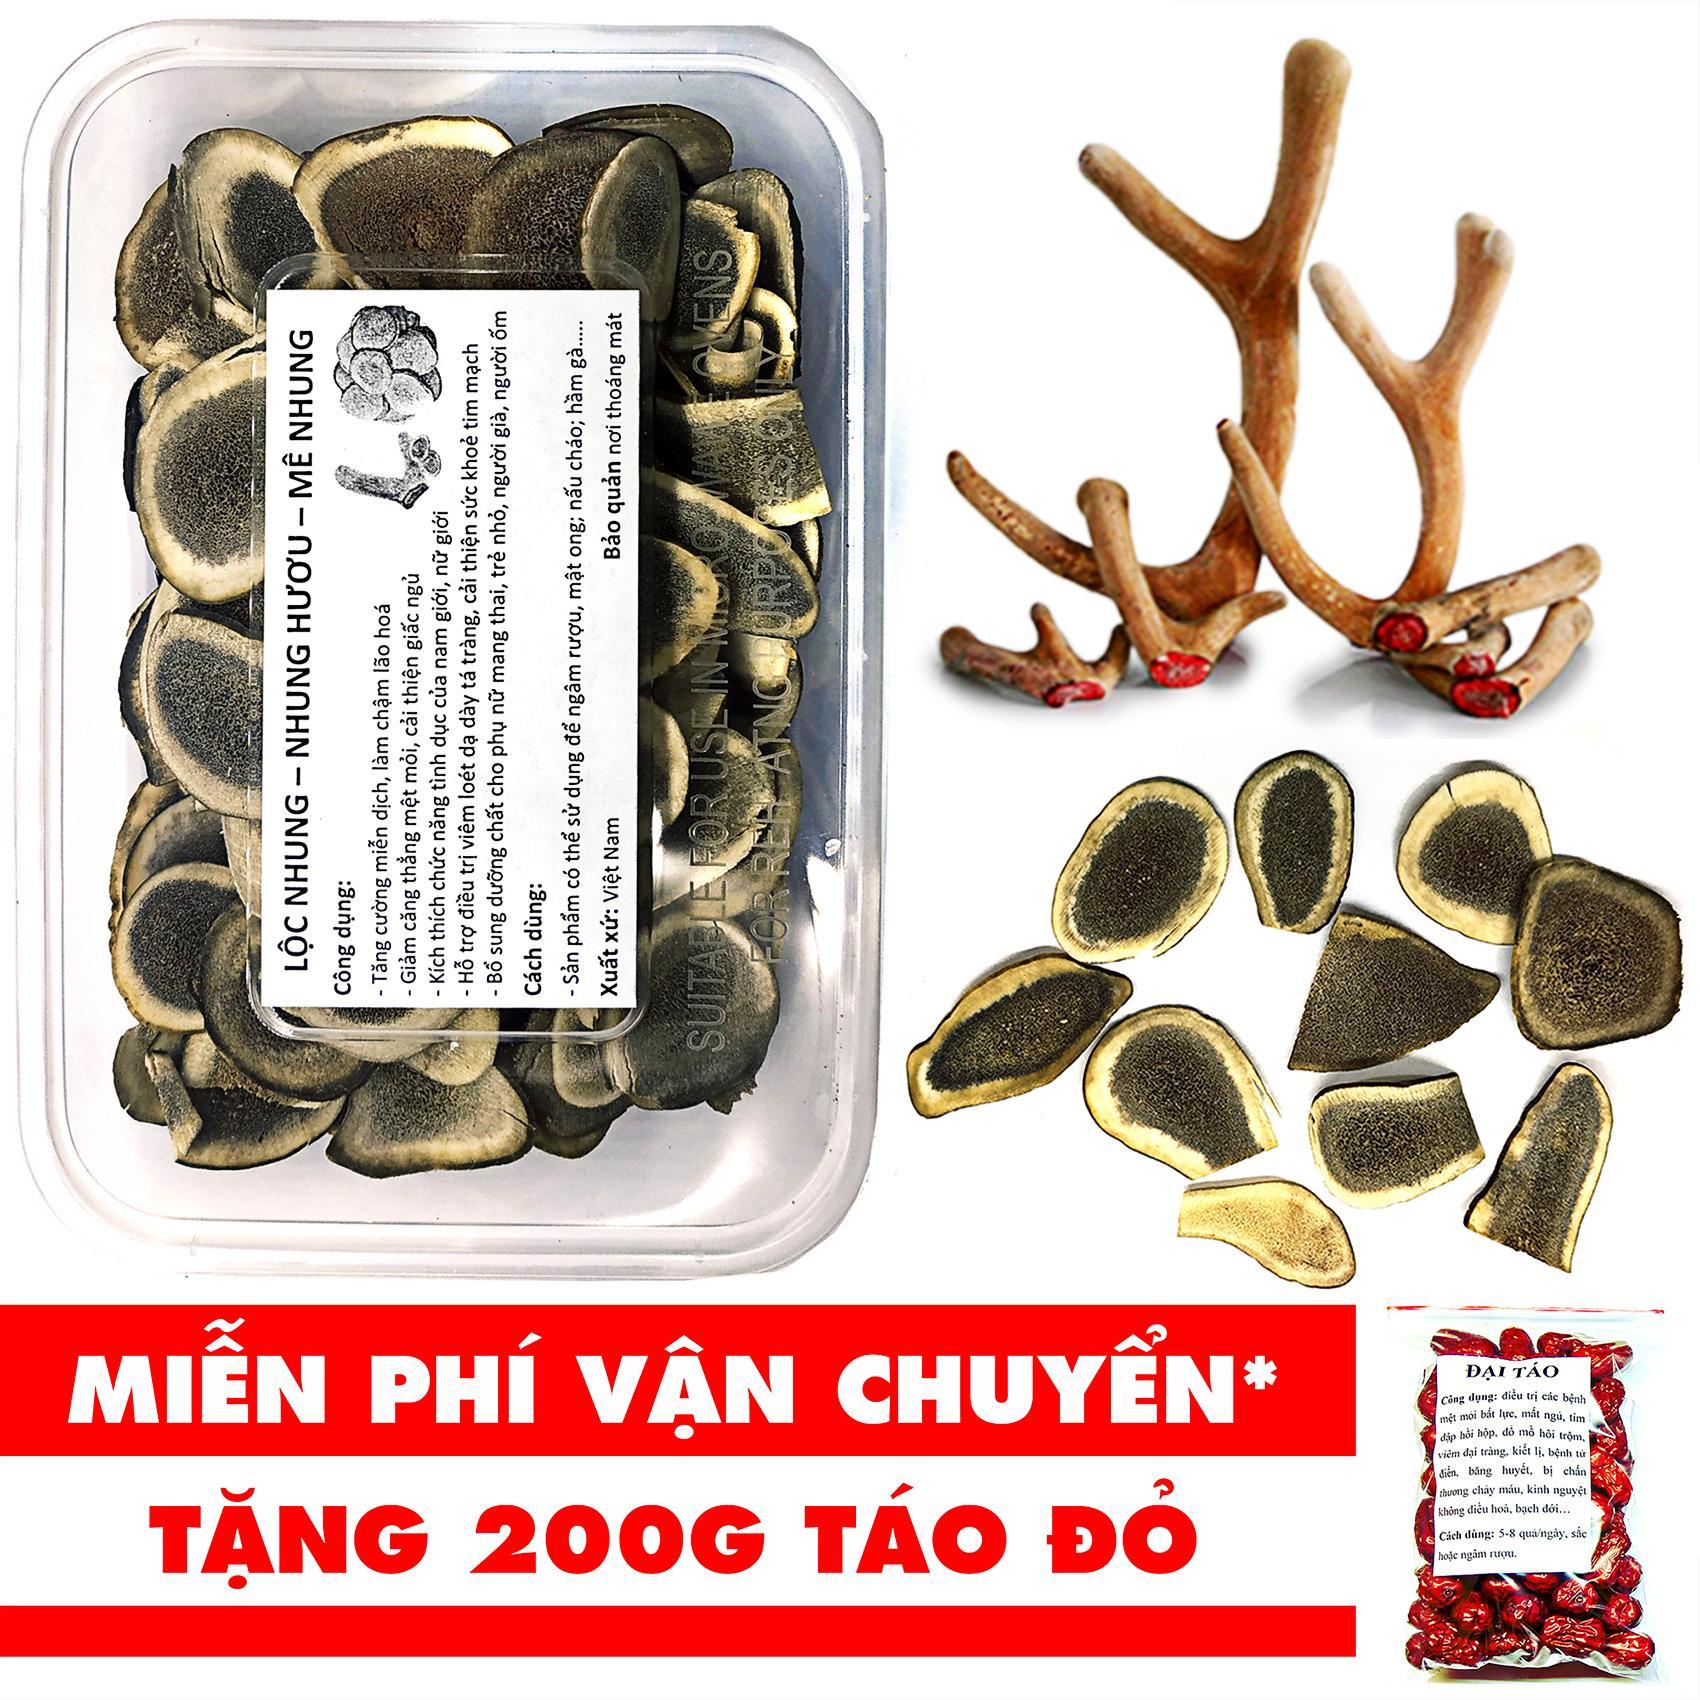 Lộc Nhung 100 Gam (Nhung Hươu - Mê Nhung) - Bồi bổ sức khoẻ